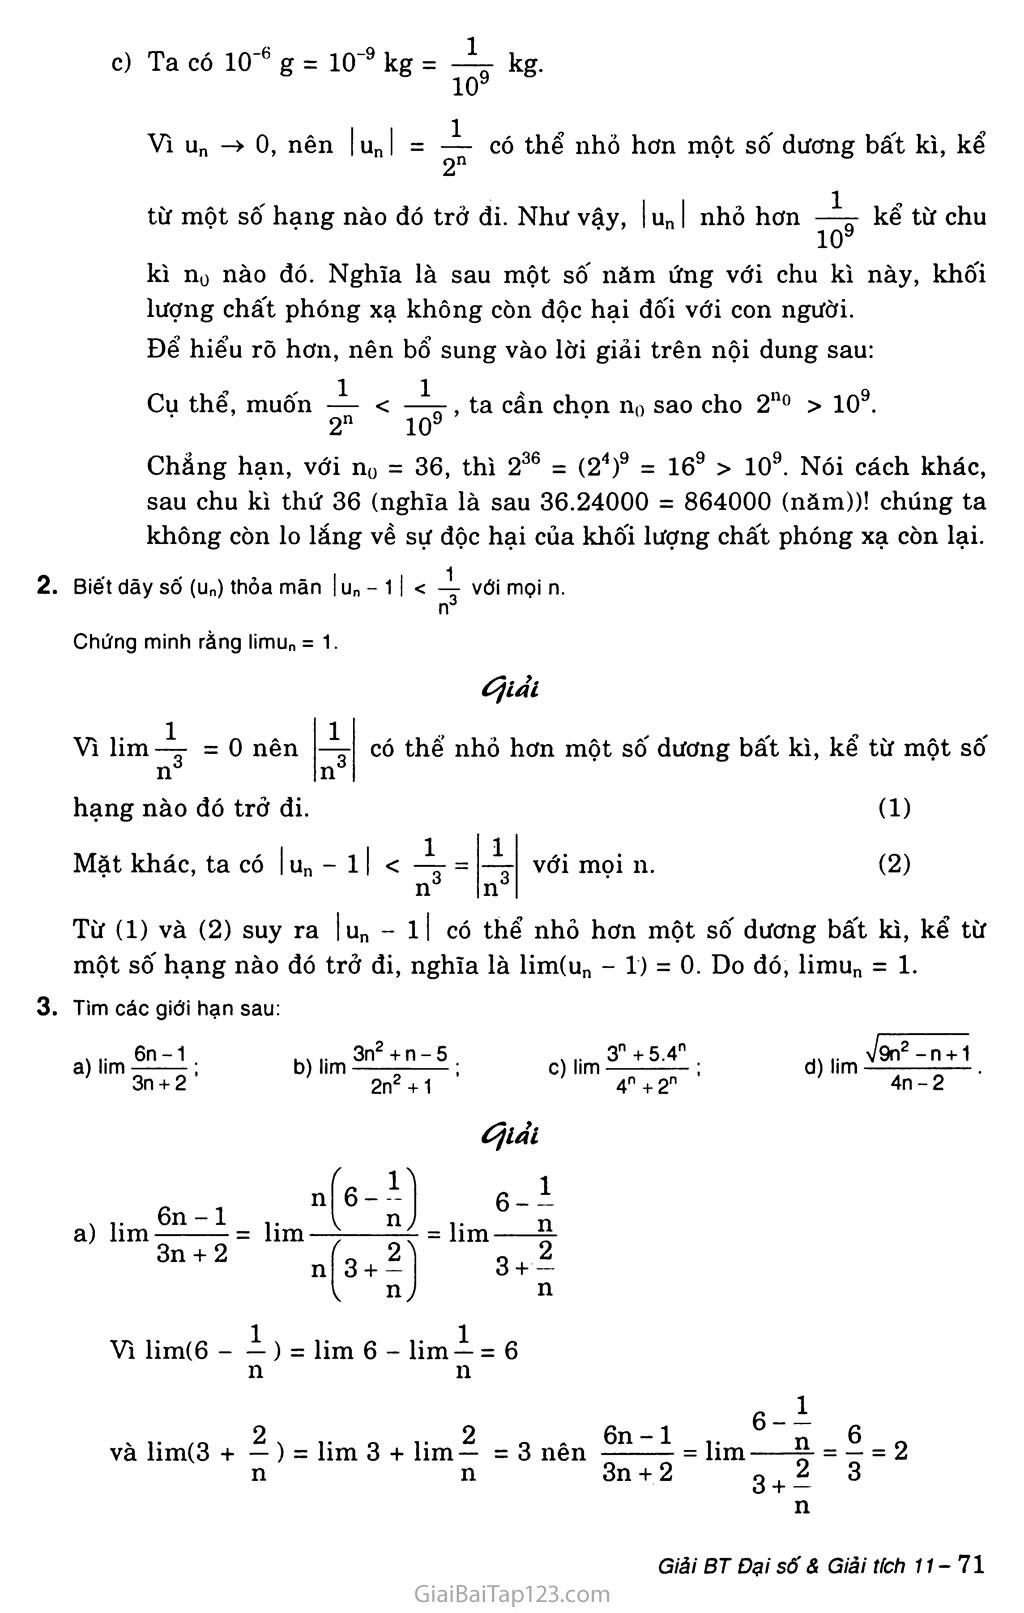 Bài 1. Giới hạn của dãy số trang 3